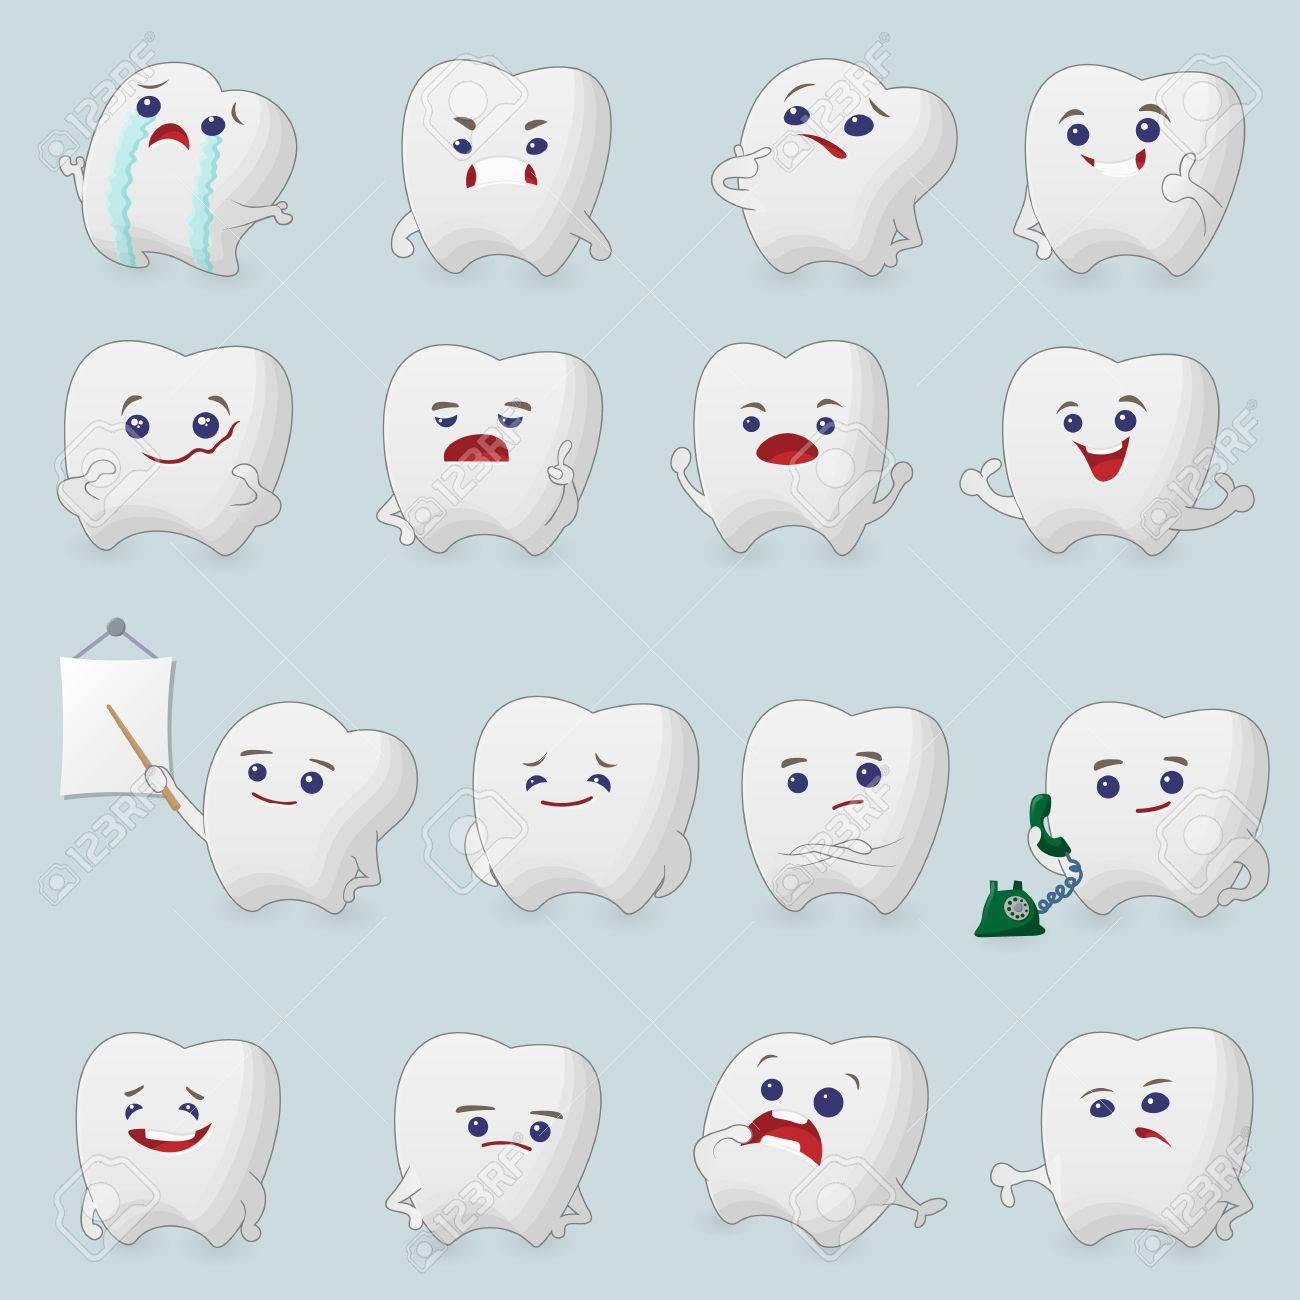 Dibujos Animados Dientes Apretados Ilustraciones Para Niños De La Odontología Sobre El Dolor De Muelas Y El Tratamiento